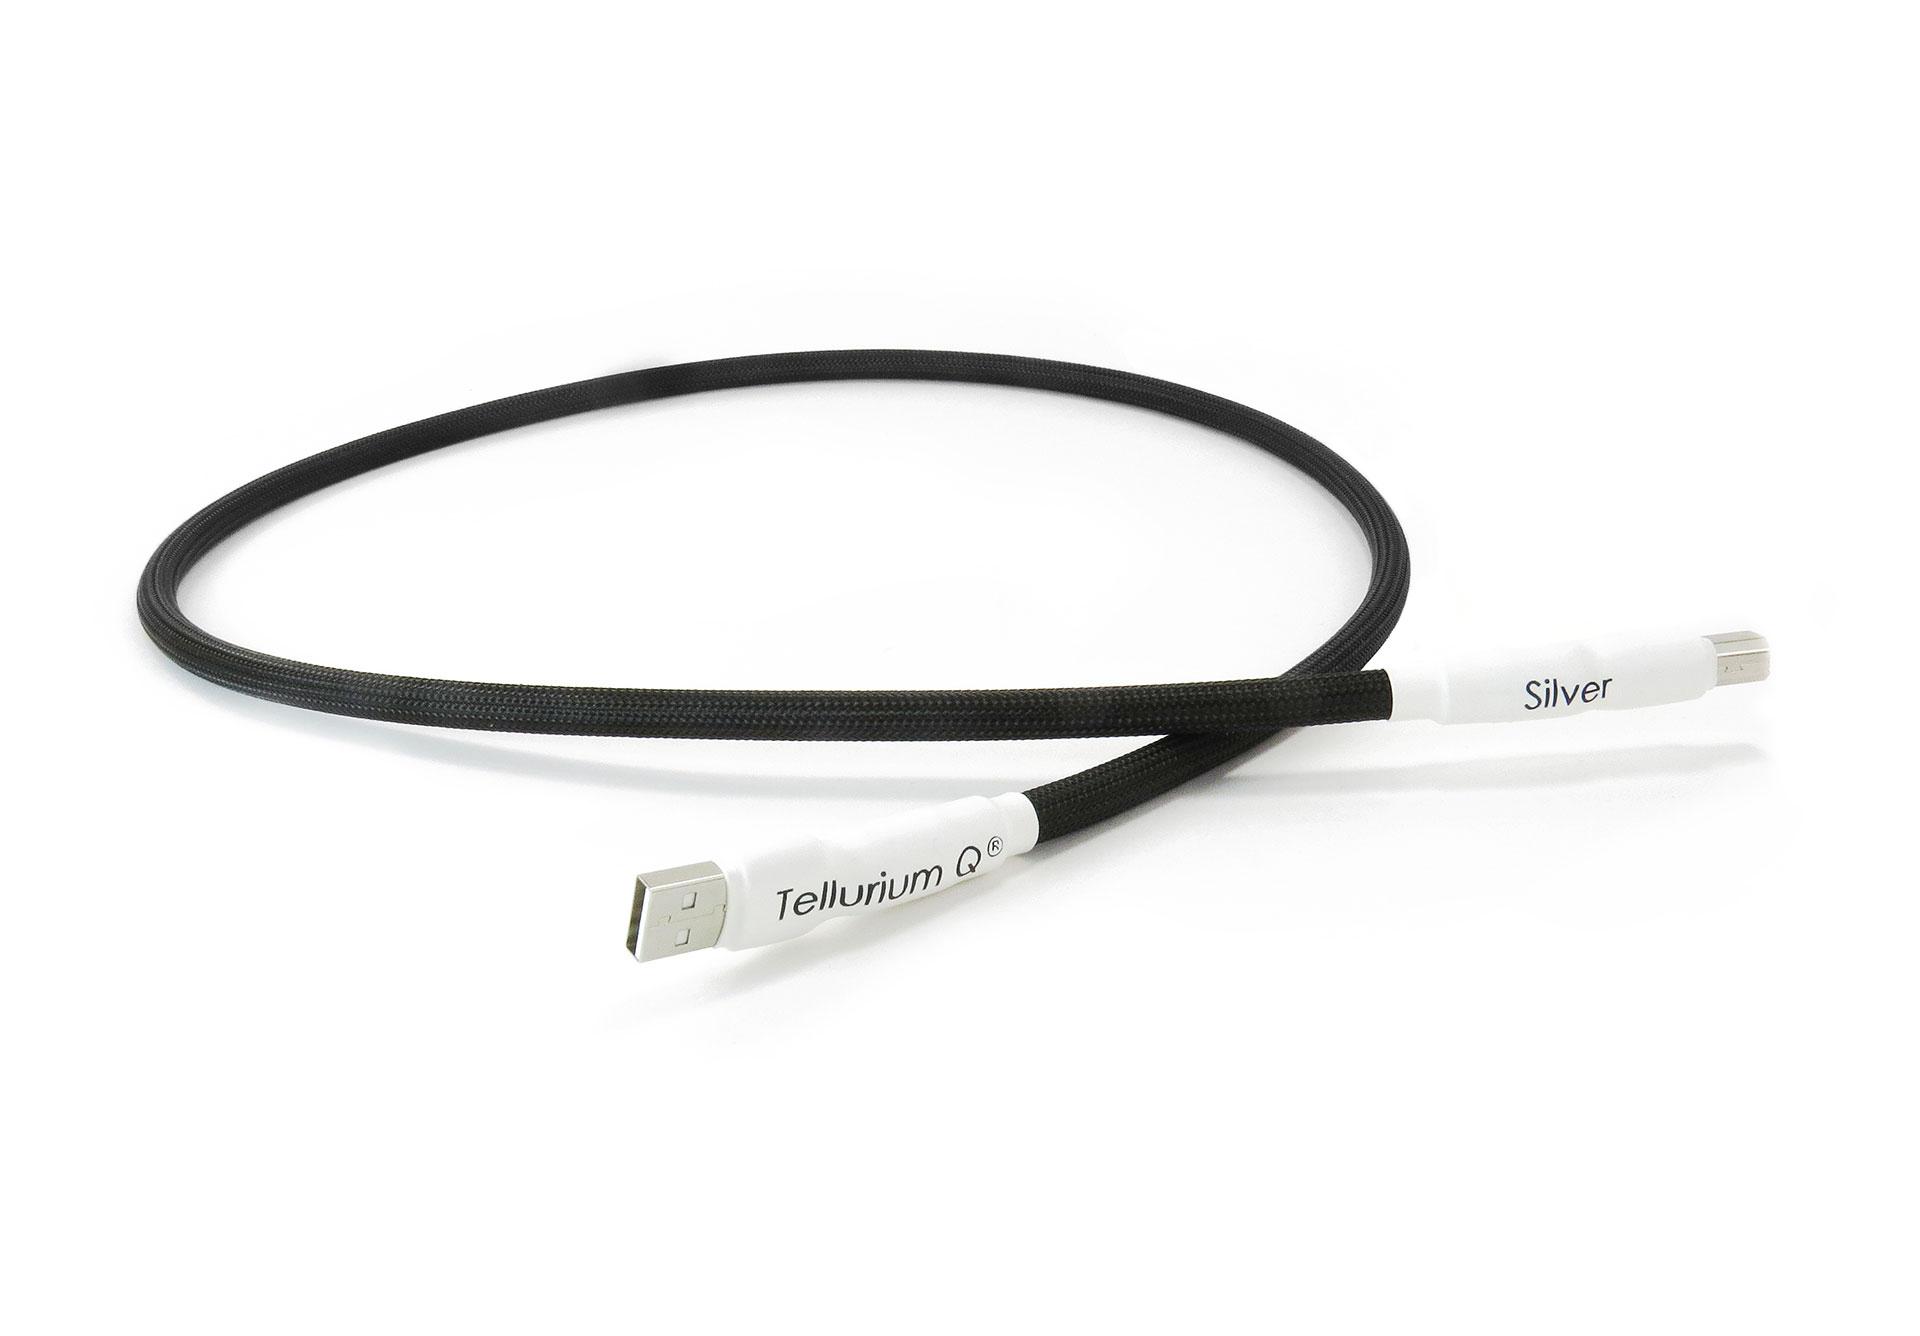 Tellurium Q | Silver | USB Kabel